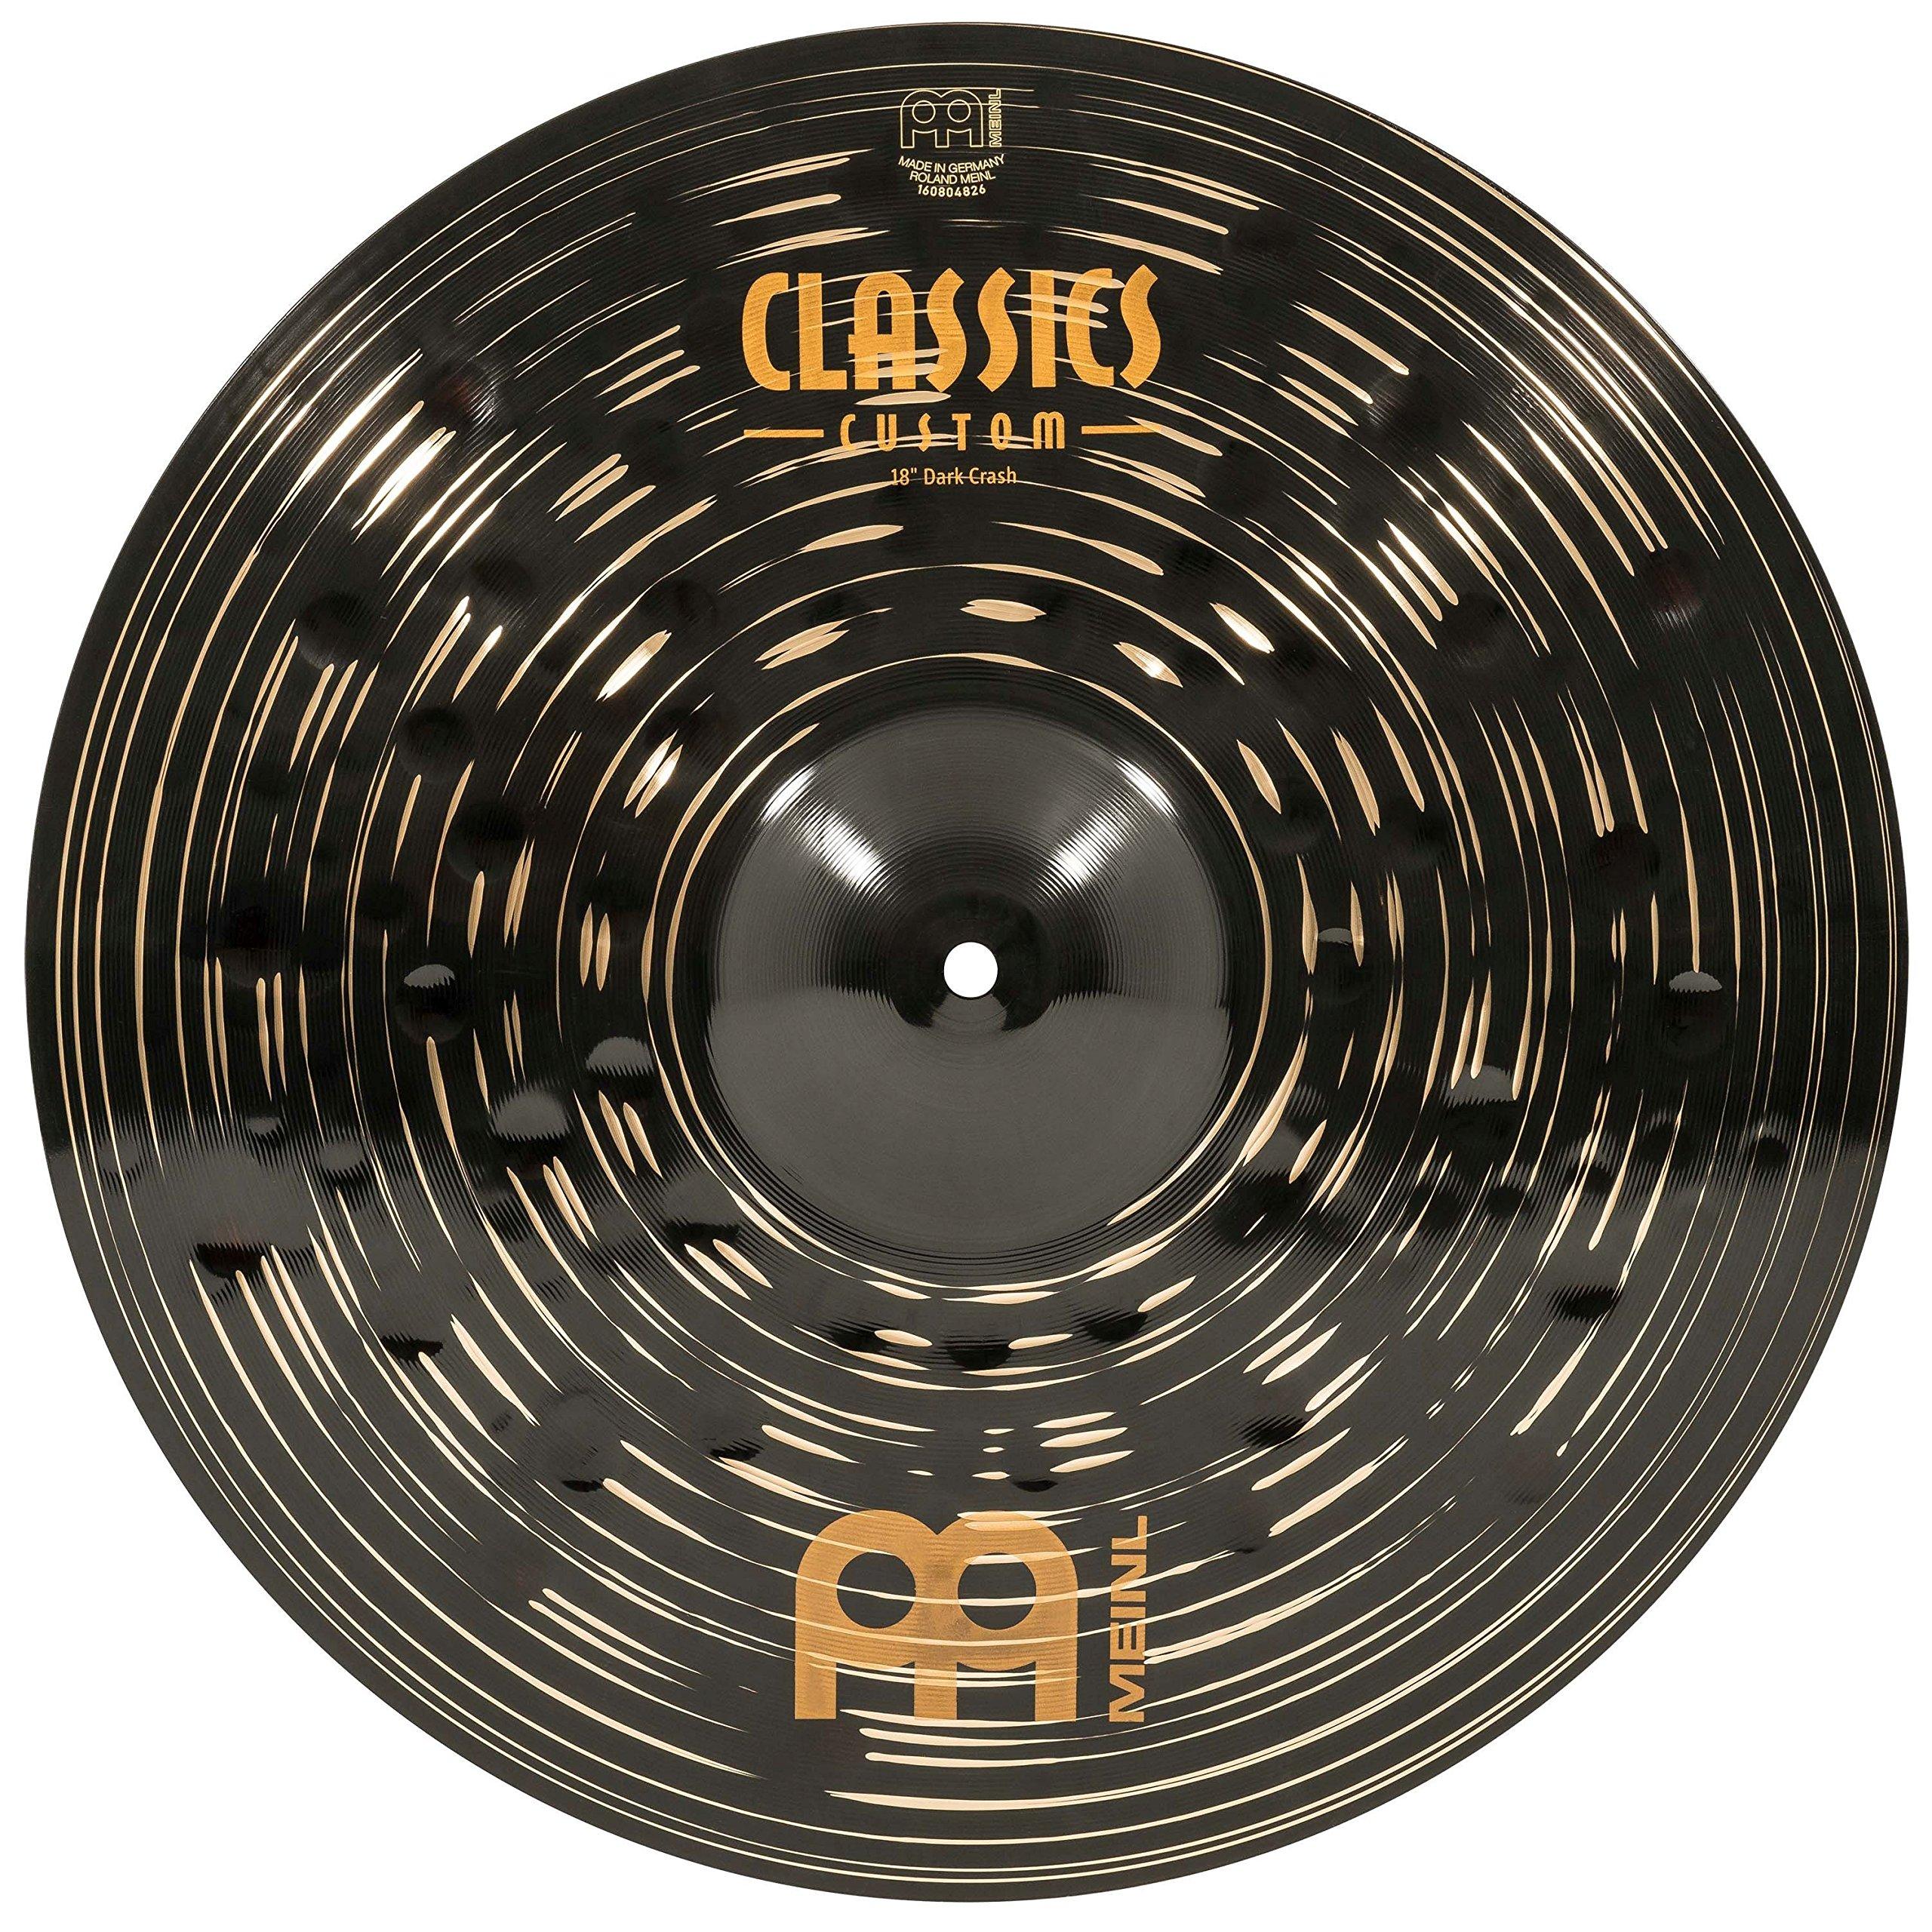 Meinl 18'' Crash Cymbal - Classics Custom Dark - Made in Germany, 2-YEAR WARRANTY (CC18DAC) by Meinl Cymbals